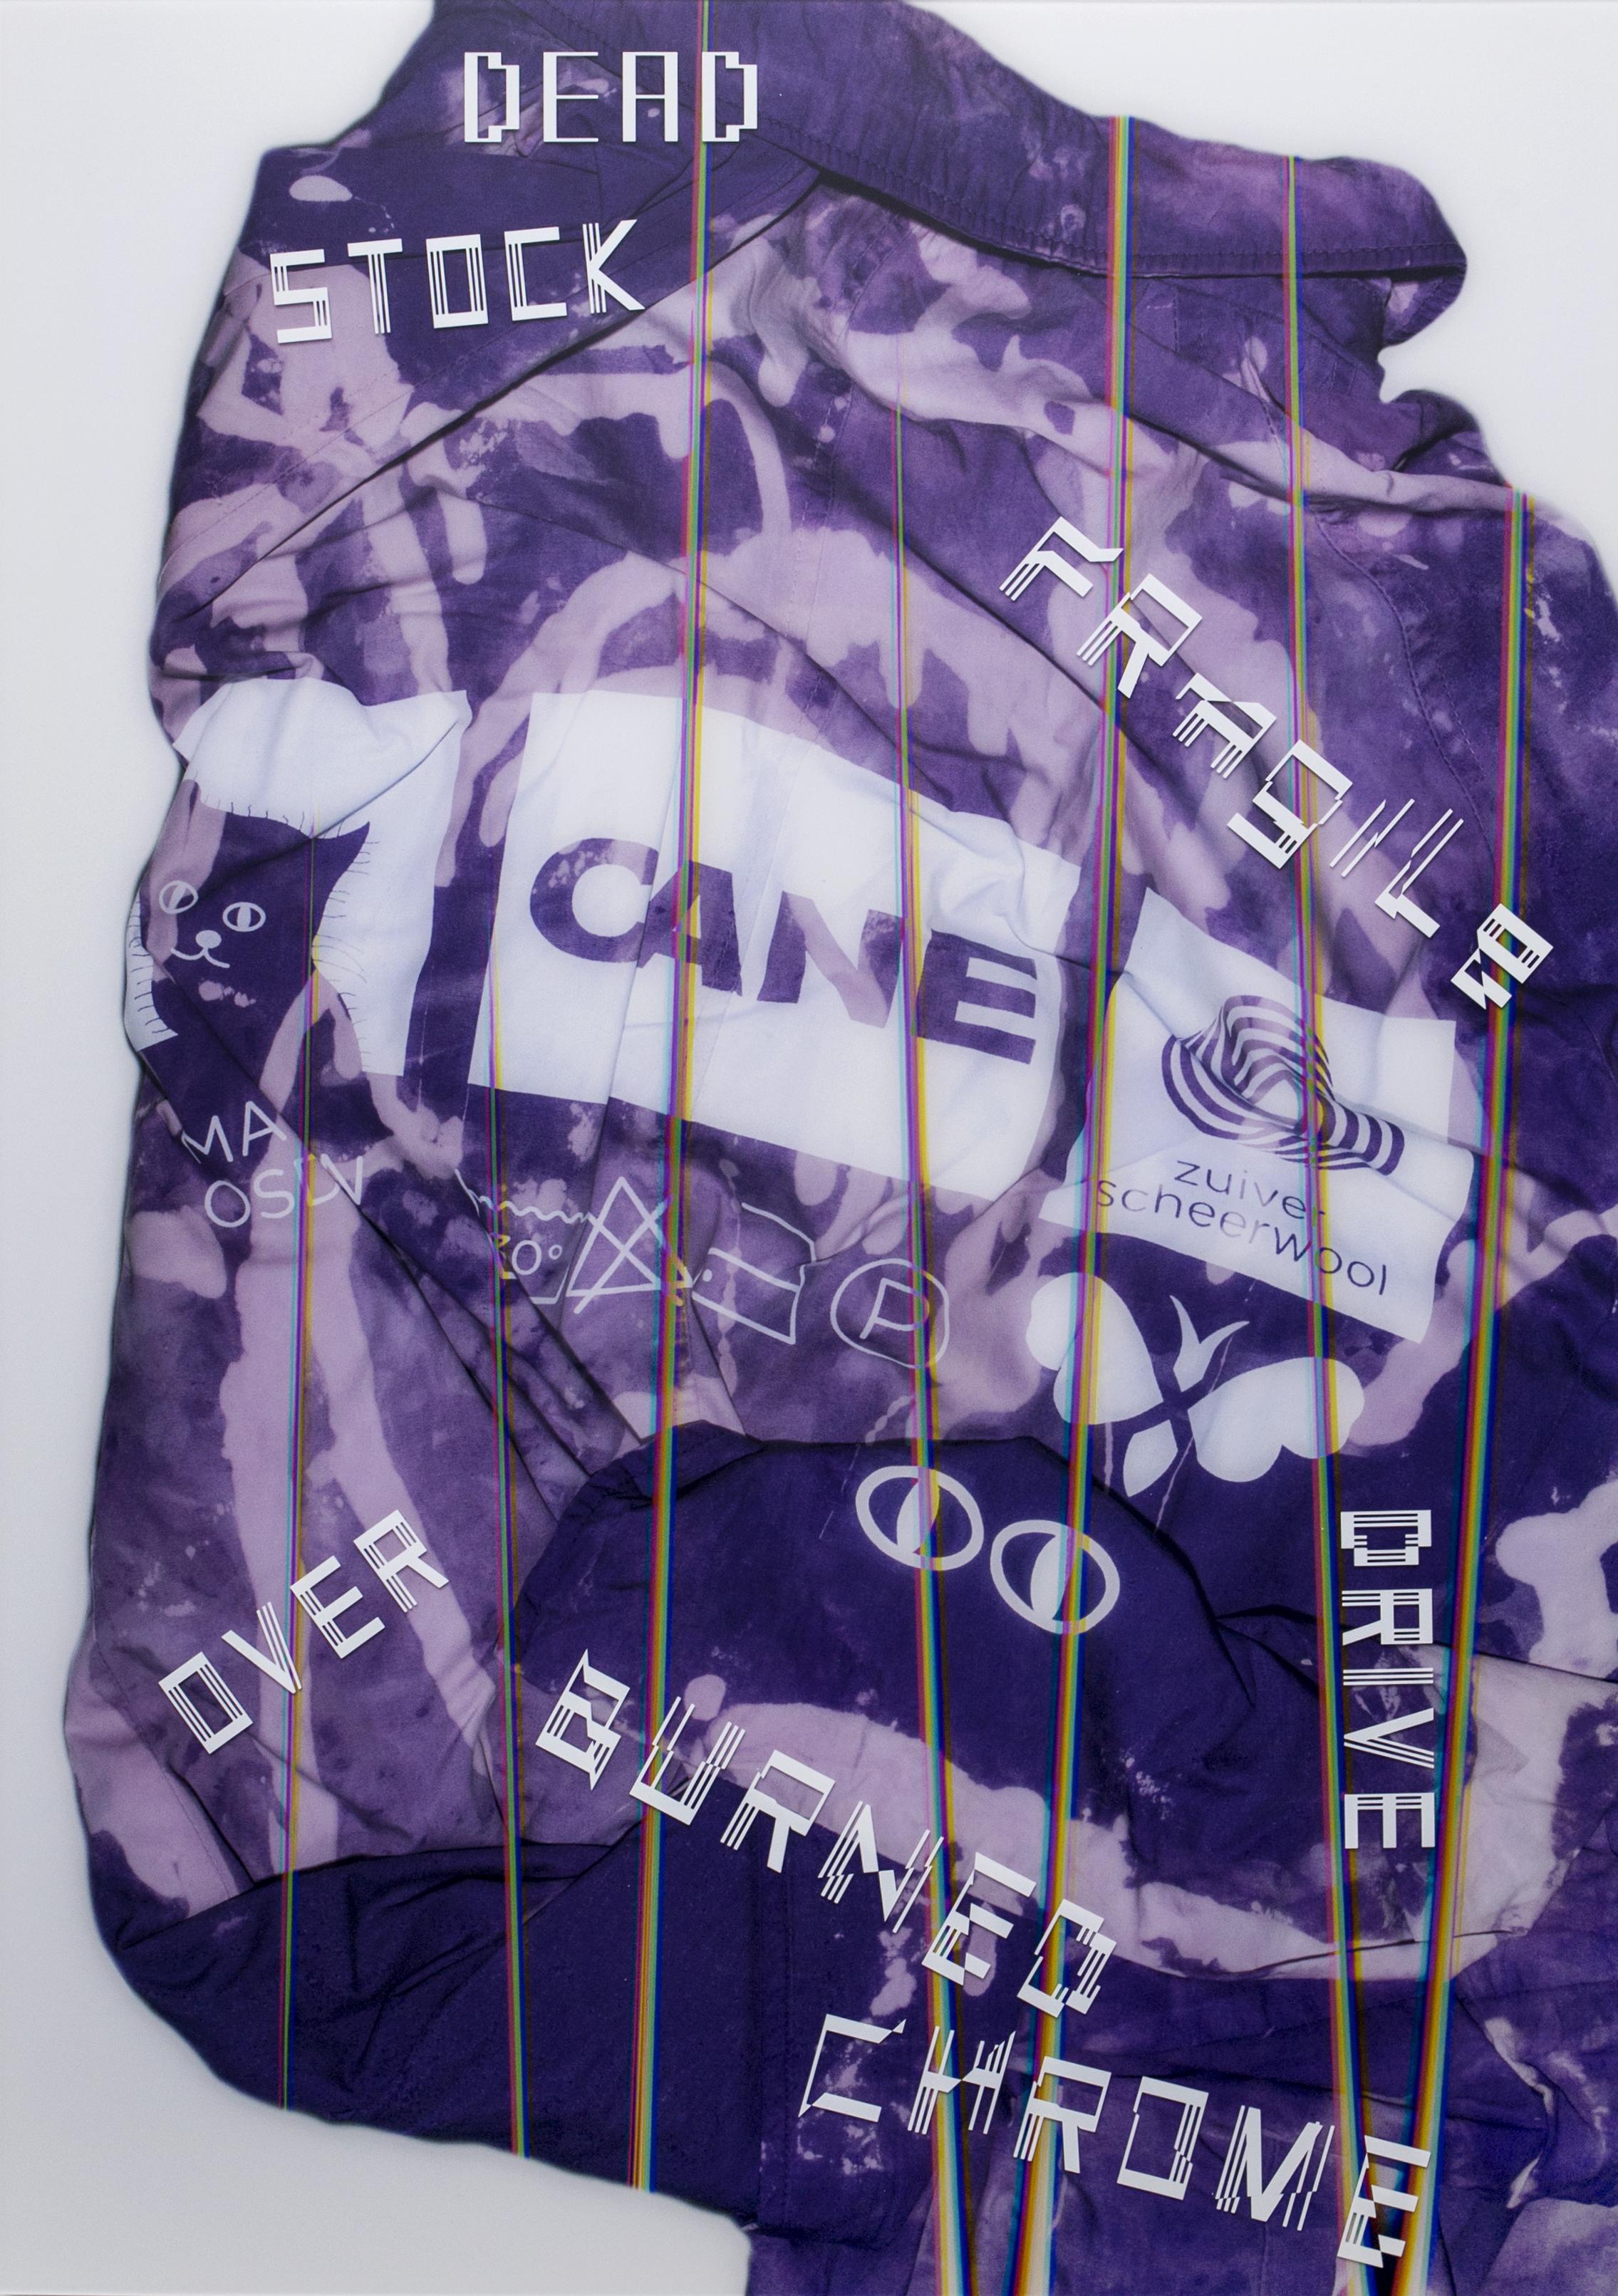 Purple Lizotte - Avoidstreet, Purple Lizotte, 2018levensgrote scan, inkjet print, vinyl op diasec aluminium, 84,10 x 118,9 cm, met dank aan Mikel Orfanos, uniek€ 2.000,- incl. btw, certificaat van authenticiteit